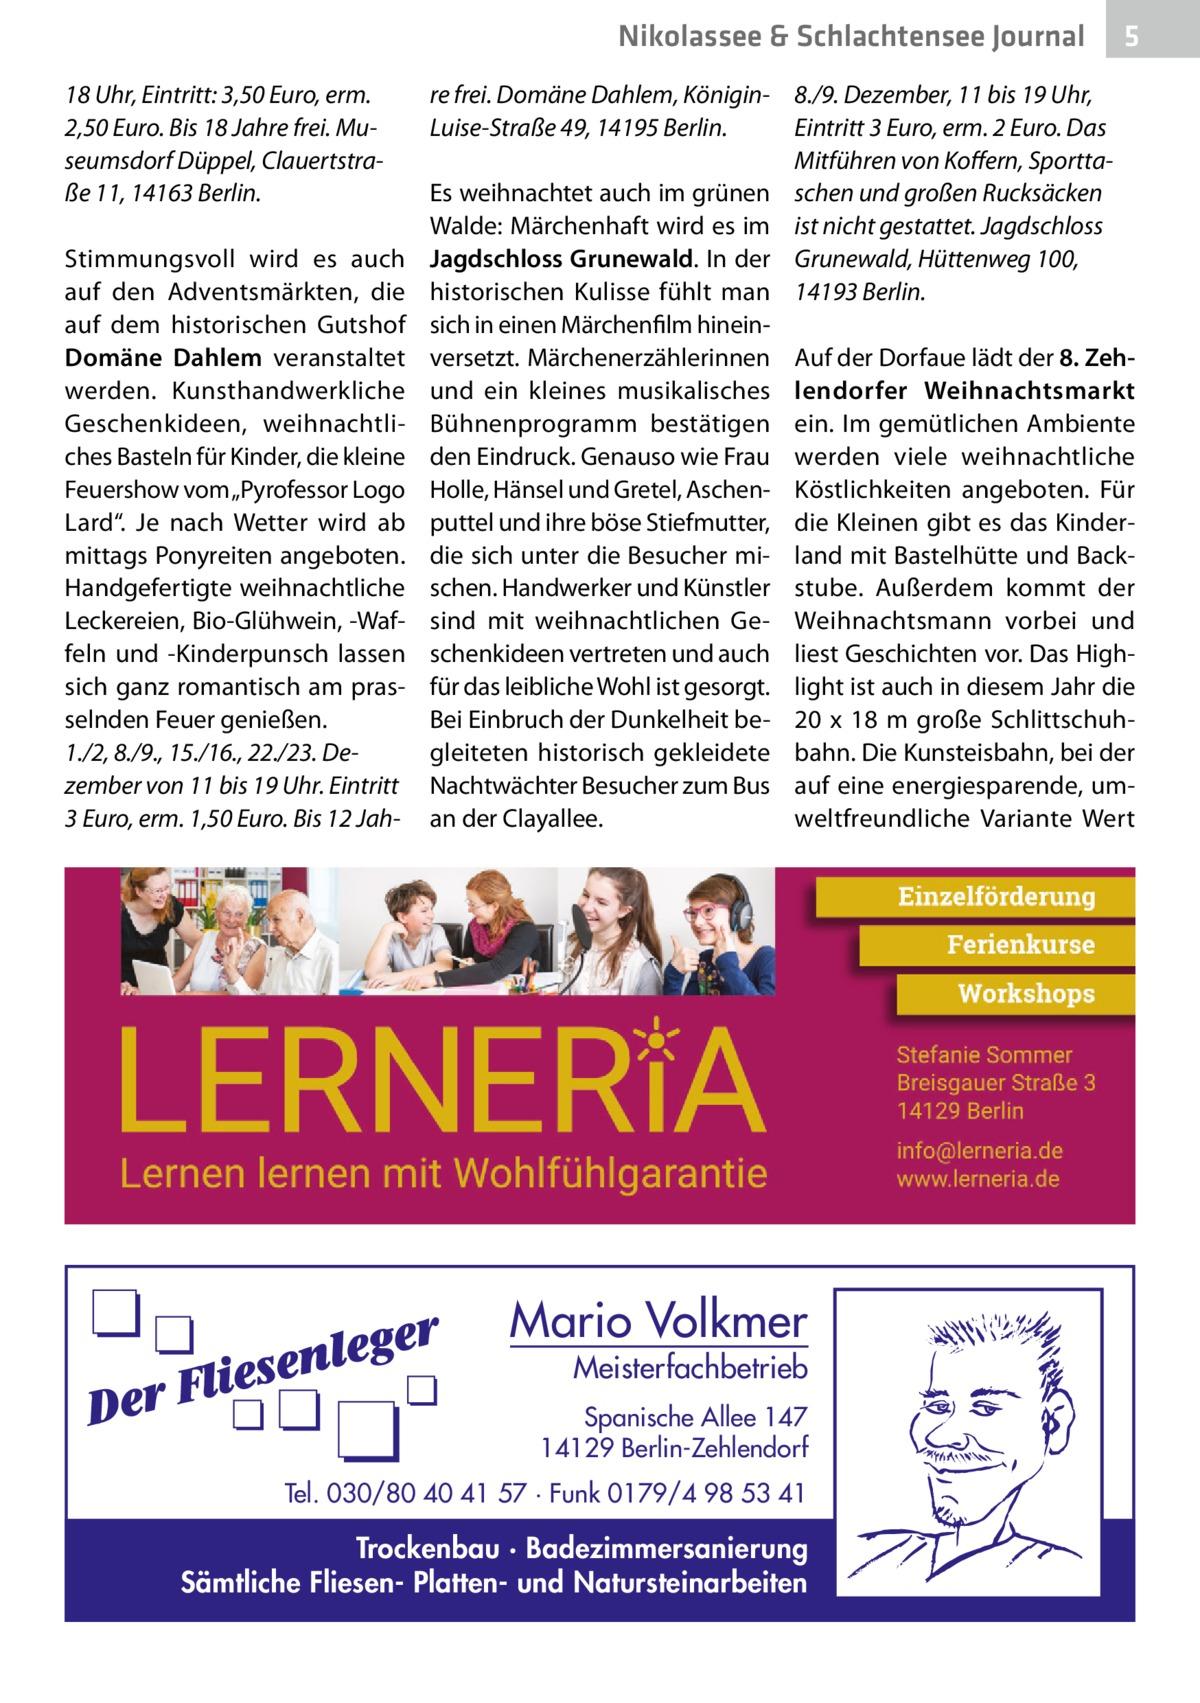 """Nikolassee & Schlachtensee Journal 18Uhr, Eintritt: 3,50Euro, erm. 2,50Euro. Bis 18Jahre frei. Museumsdorf Düppel, Clauertstraße11, 14163Berlin. Stimmungsvoll wird es auch auf den Adventsmärkten, die auf dem historischen Gutshof Domäne Dahlem veranstaltet werden. Kunsthandwerkliche Geschenkideen, weihnachtliches Basteln für Kinder, die kleine Feuershow vom """"Pyrofessor Logo Lard"""". Je nach Wetter wird ab mittags Ponyreiten angeboten. Handgefertigte weihnachtliche Leckereien, Bio-Glühwein, -Waffeln und -Kinderpunsch lassen sich ganz romantisch am prasselnden Feuer genießen. 1./2, 8./9., 15./16., 22./23.Dezember von 11 bis 19Uhr. Eintritt 3Euro, erm. 1,50Euro. Bis 12Jah 5  re frei. Domäne Dahlem, Königin- 8./9.Dezember, 11 bis 19Uhr, Eintritt 3Euro, erm. 2Euro. Das Luise-Straße49, 14195Berlin. Mitführen von Koffern, SporttaEs weihnachtet auch im grünen schen und großen Rucksäcken Walde: Märchenhaft wird es im ist nicht gestattet. Jagdschloss Jagdschloss Grunewald. In der Grunewald, Hüttenweg100, historischen Kulisse fühlt man 14193Berlin. sich in einen Märchenfilm hineinversetzt. Märchenerzählerinnen Auf der Dorfaue lädt der 8.Zehund ein kleines musikalisches lendorfer Weihnachtsmarkt Bühnenprogramm bestätigen ein. Im gemütlichen Ambiente den Eindruck. Genauso wie Frau werden viele weihnachtliche Holle, Hänsel und Gretel, Aschen- Köstlichkeiten angeboten. Für puttel und ihre böse Stiefmutter, die Kleinen gibt es das Kinderdie sich unter die Besucher mi- land mit Bastelhütte und Backschen. Handwerker und Künstler stube. Außerdem kommt der sind mit weihnachtlichen Ge- Weihnachtsmann vorbei und schenkideen vertreten und auch liest Geschichten vor. Das Highfür das leibliche Wohl ist gesorgt. light ist auch in diesem Jahr die Bei Einbruch der Dunkelheit be- 20 x 18 m große Schlittschuhgleiteten historisch gekleidete bahn. Die Kunsteisbahn, bei der Nachtwächter Besucher zum Bus auf eine energiesparende, uman der Clayallee. weltfreundliche Variante Wert  Mario Volkmer  Meister"""